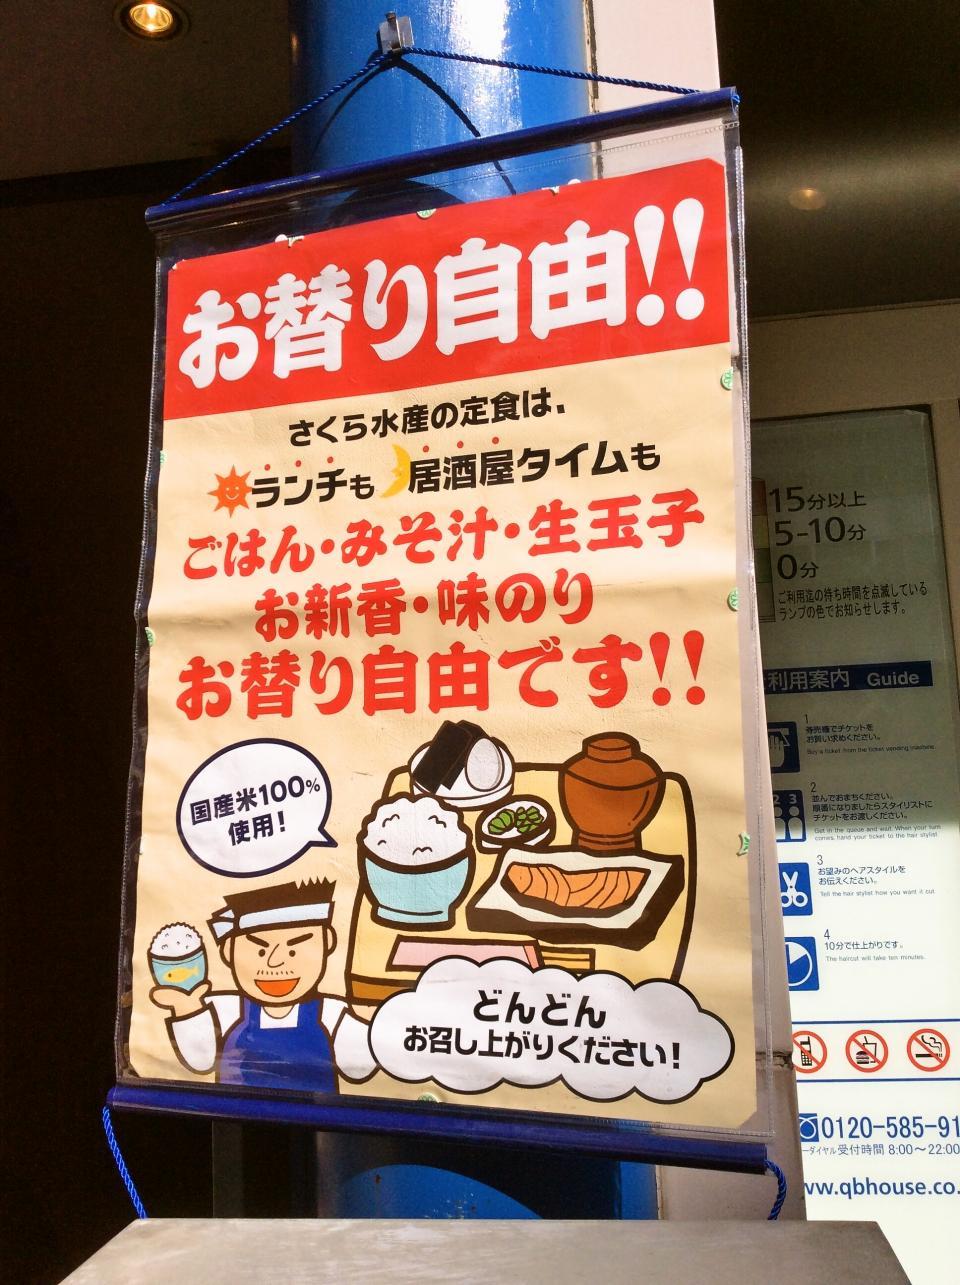 さくら水産 虎の門店(店舗)